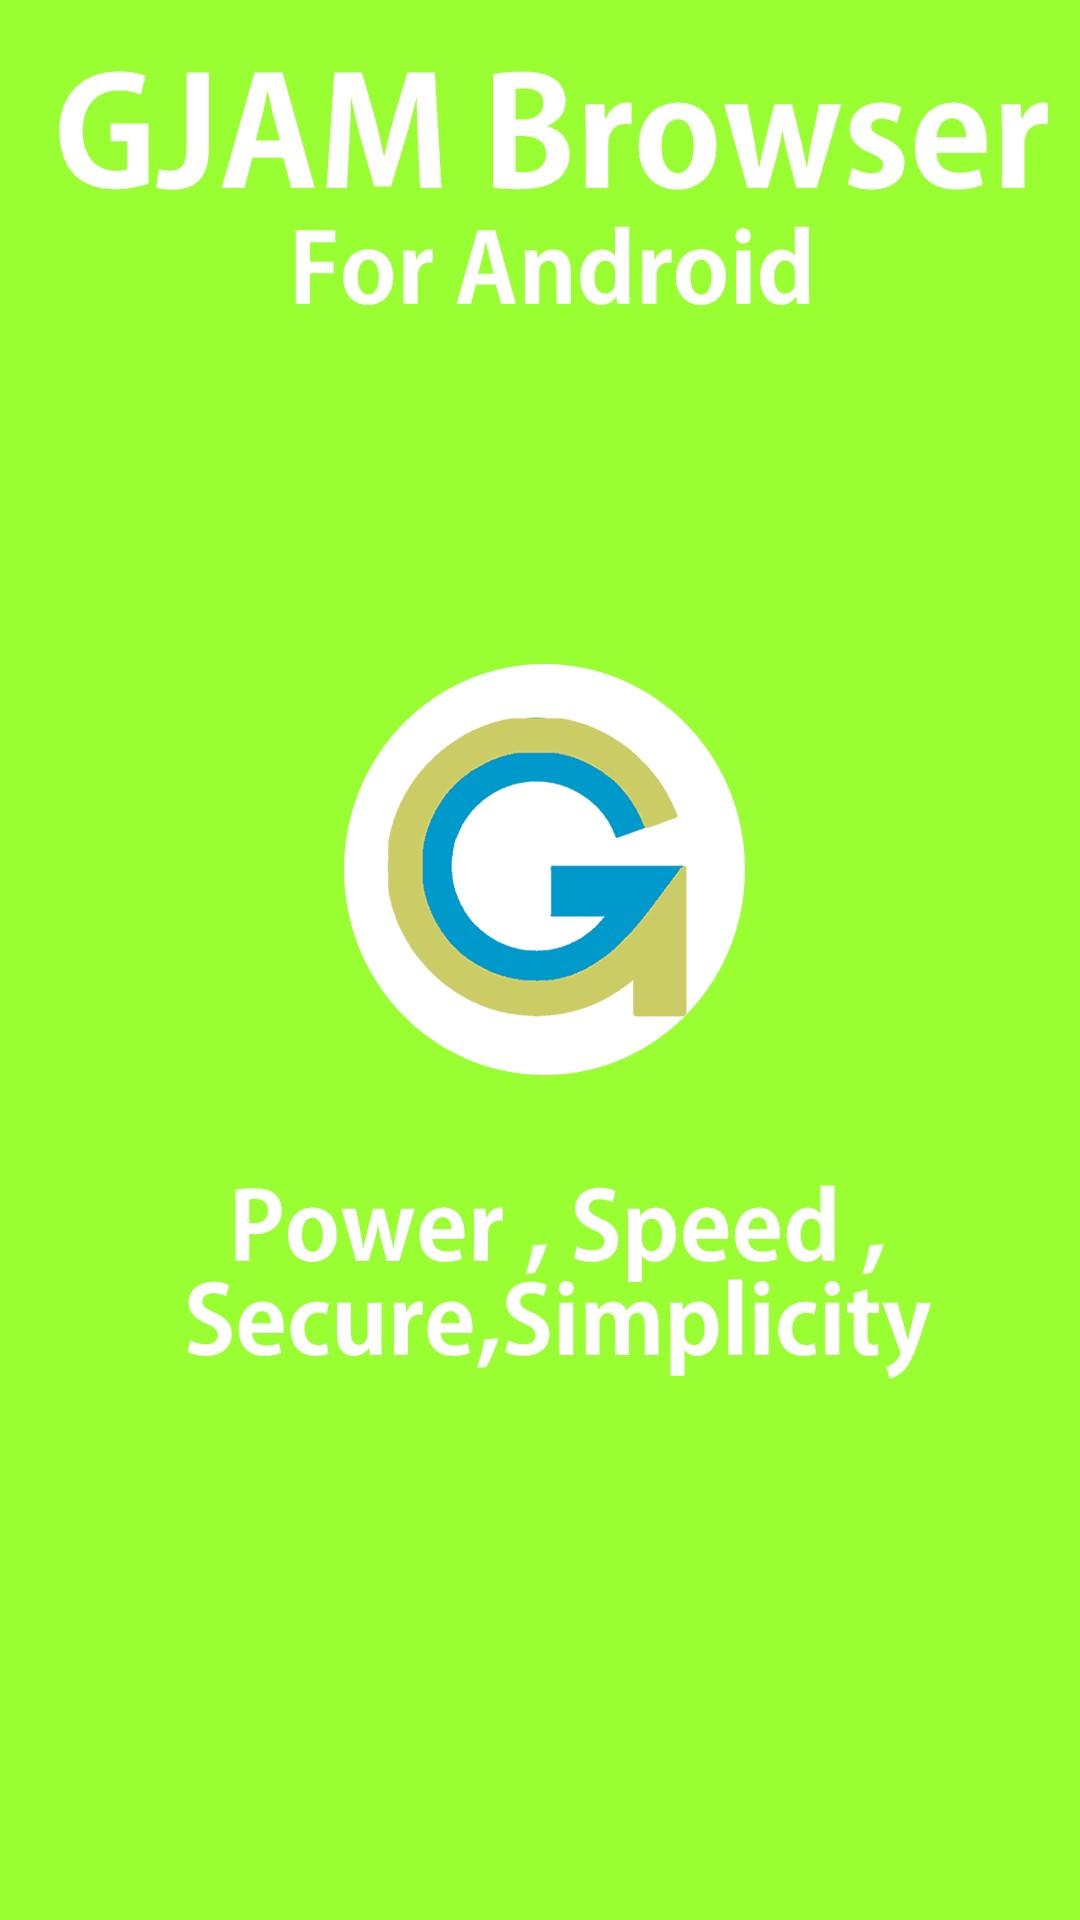 GJAM Browser